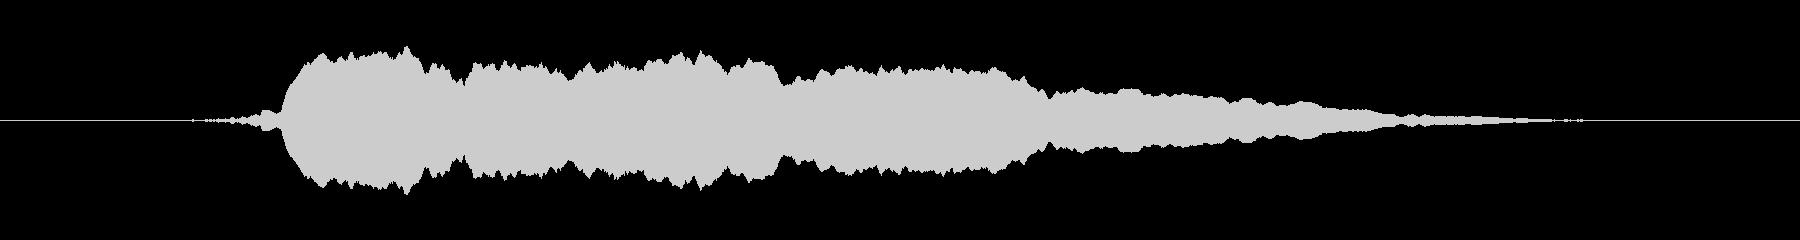 感動W、口Wの未再生の波形